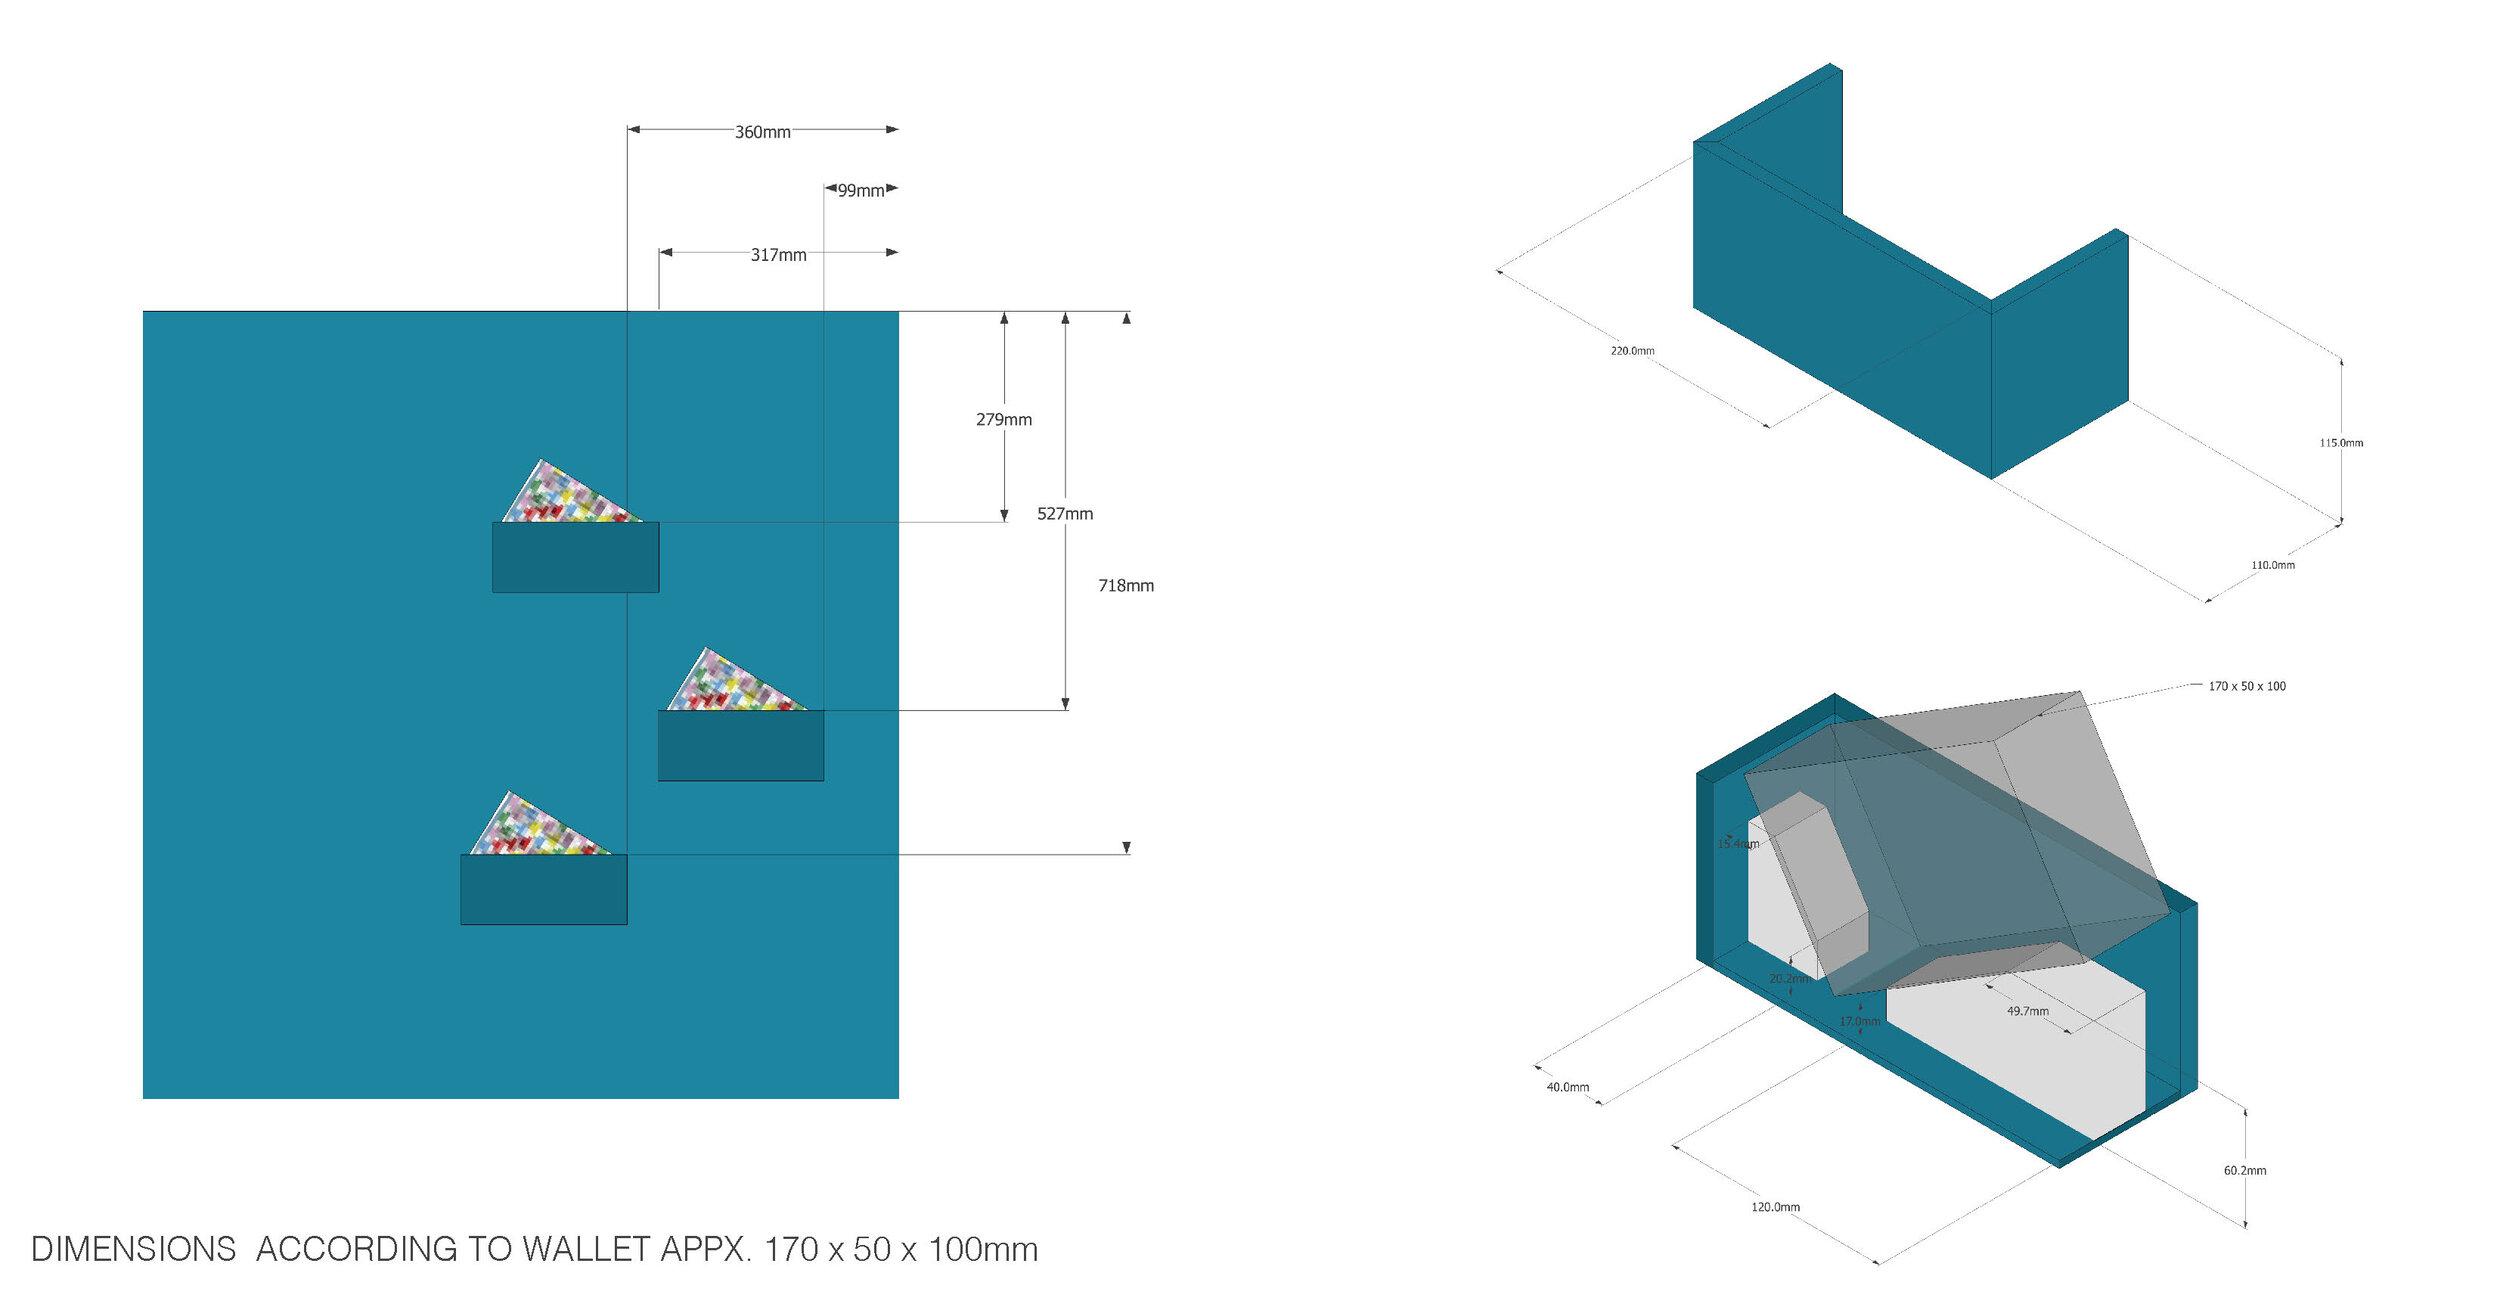 Hermès_Dimensions_Window 3_Revised_Page_4.jpg